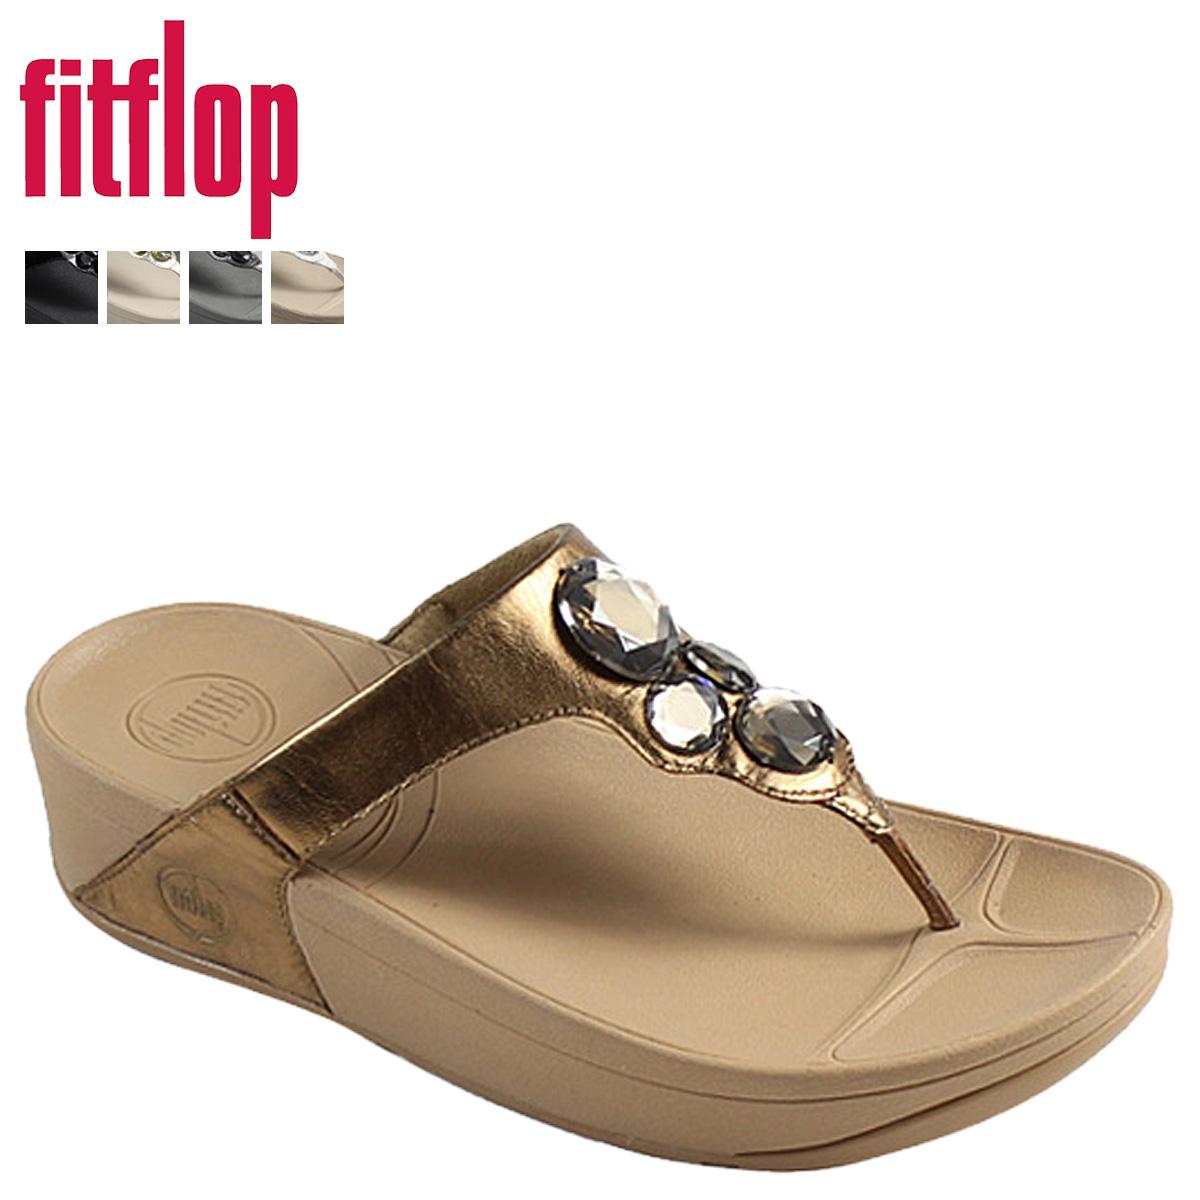 a3267a2f29c081 SneaK Online Shop  FitFlop fit flop lunetta Sandals 181-001 181-010 ...